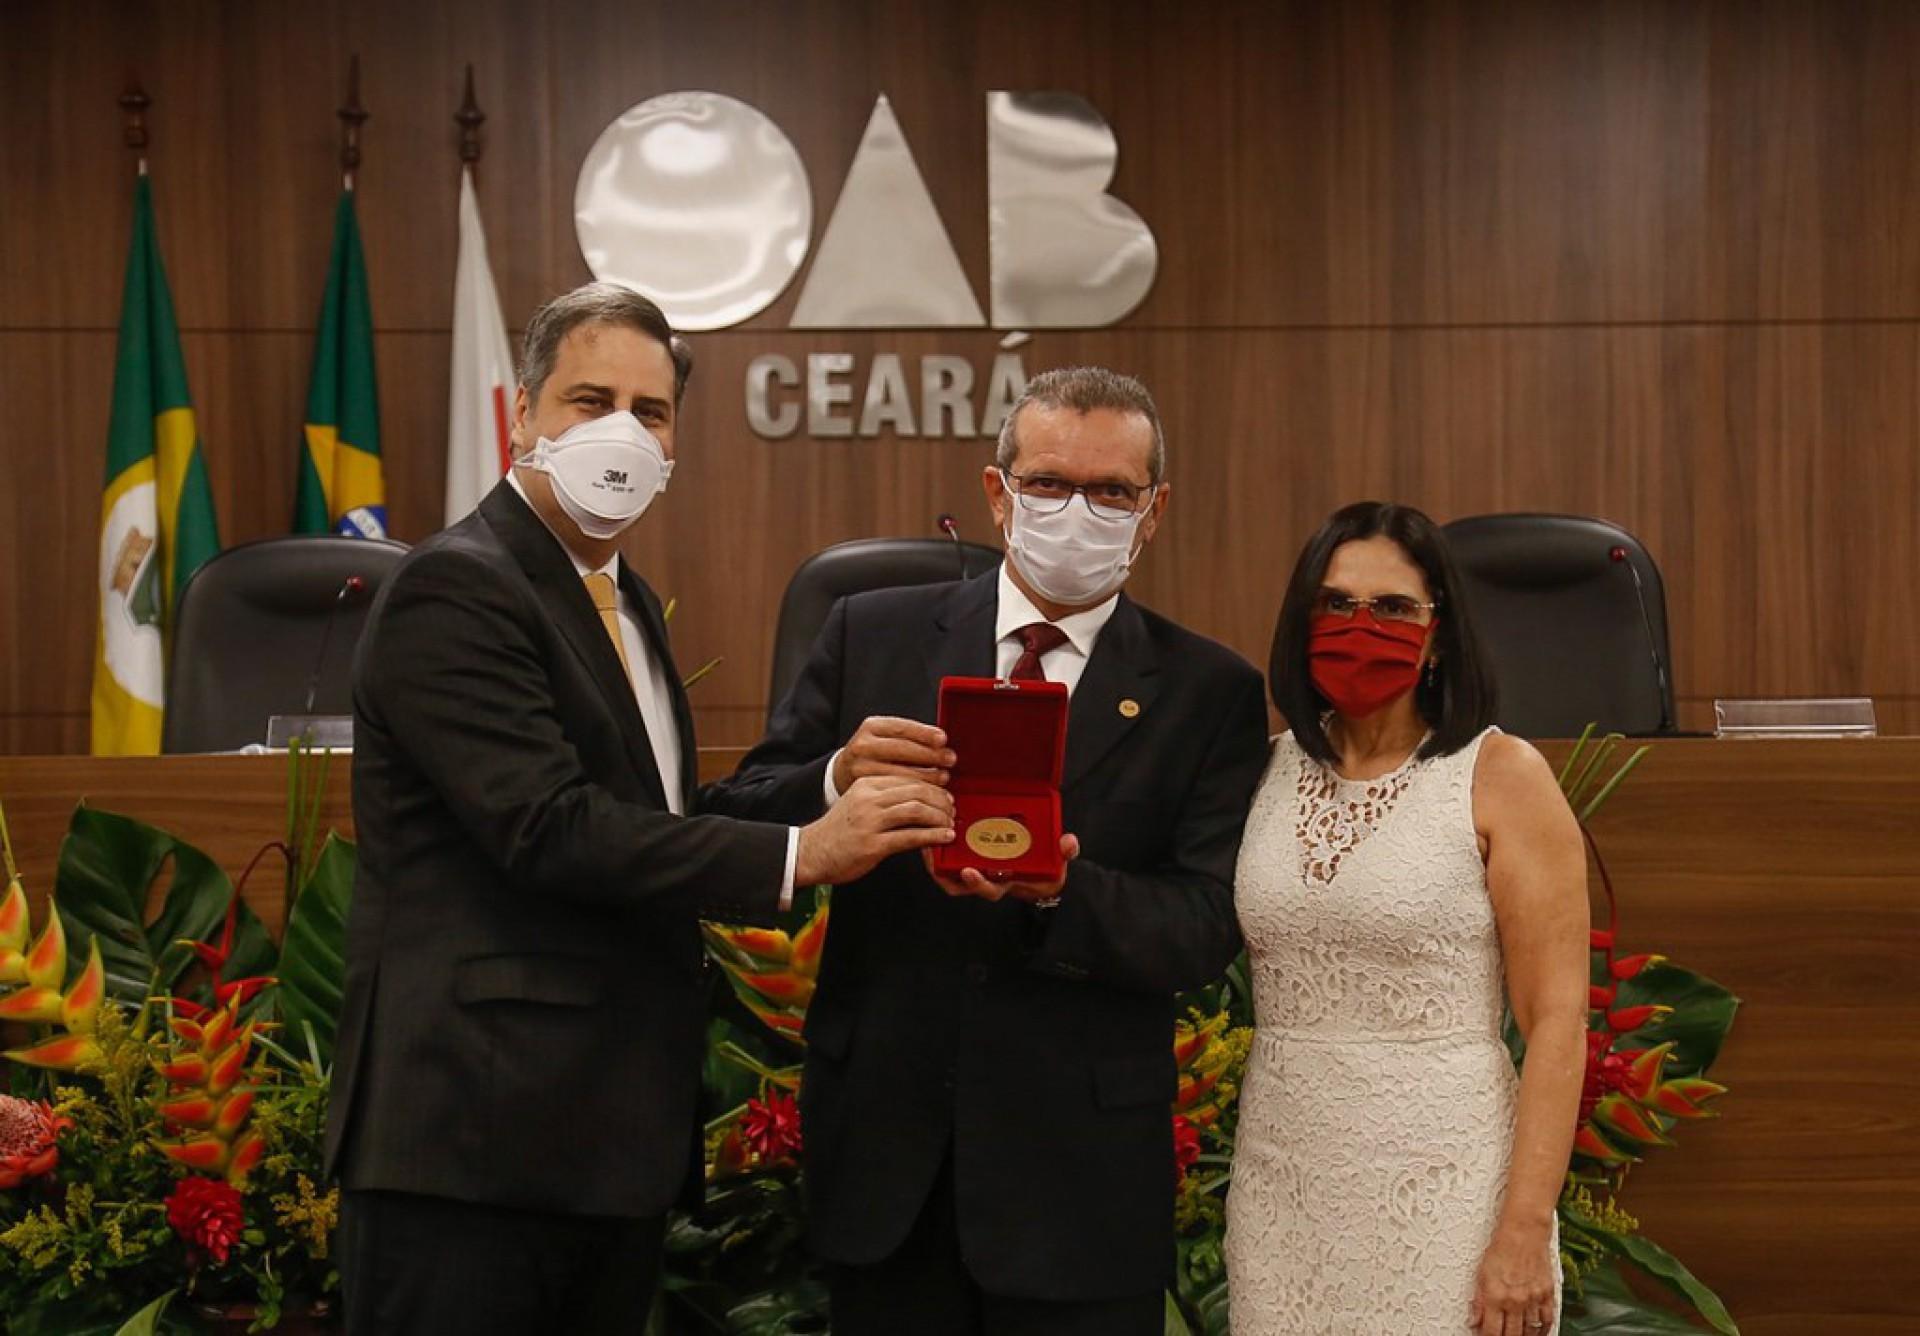 Erinaldo Dantas, procurador do município de Fortaleza, Martônio Mont'Alverne e senhora